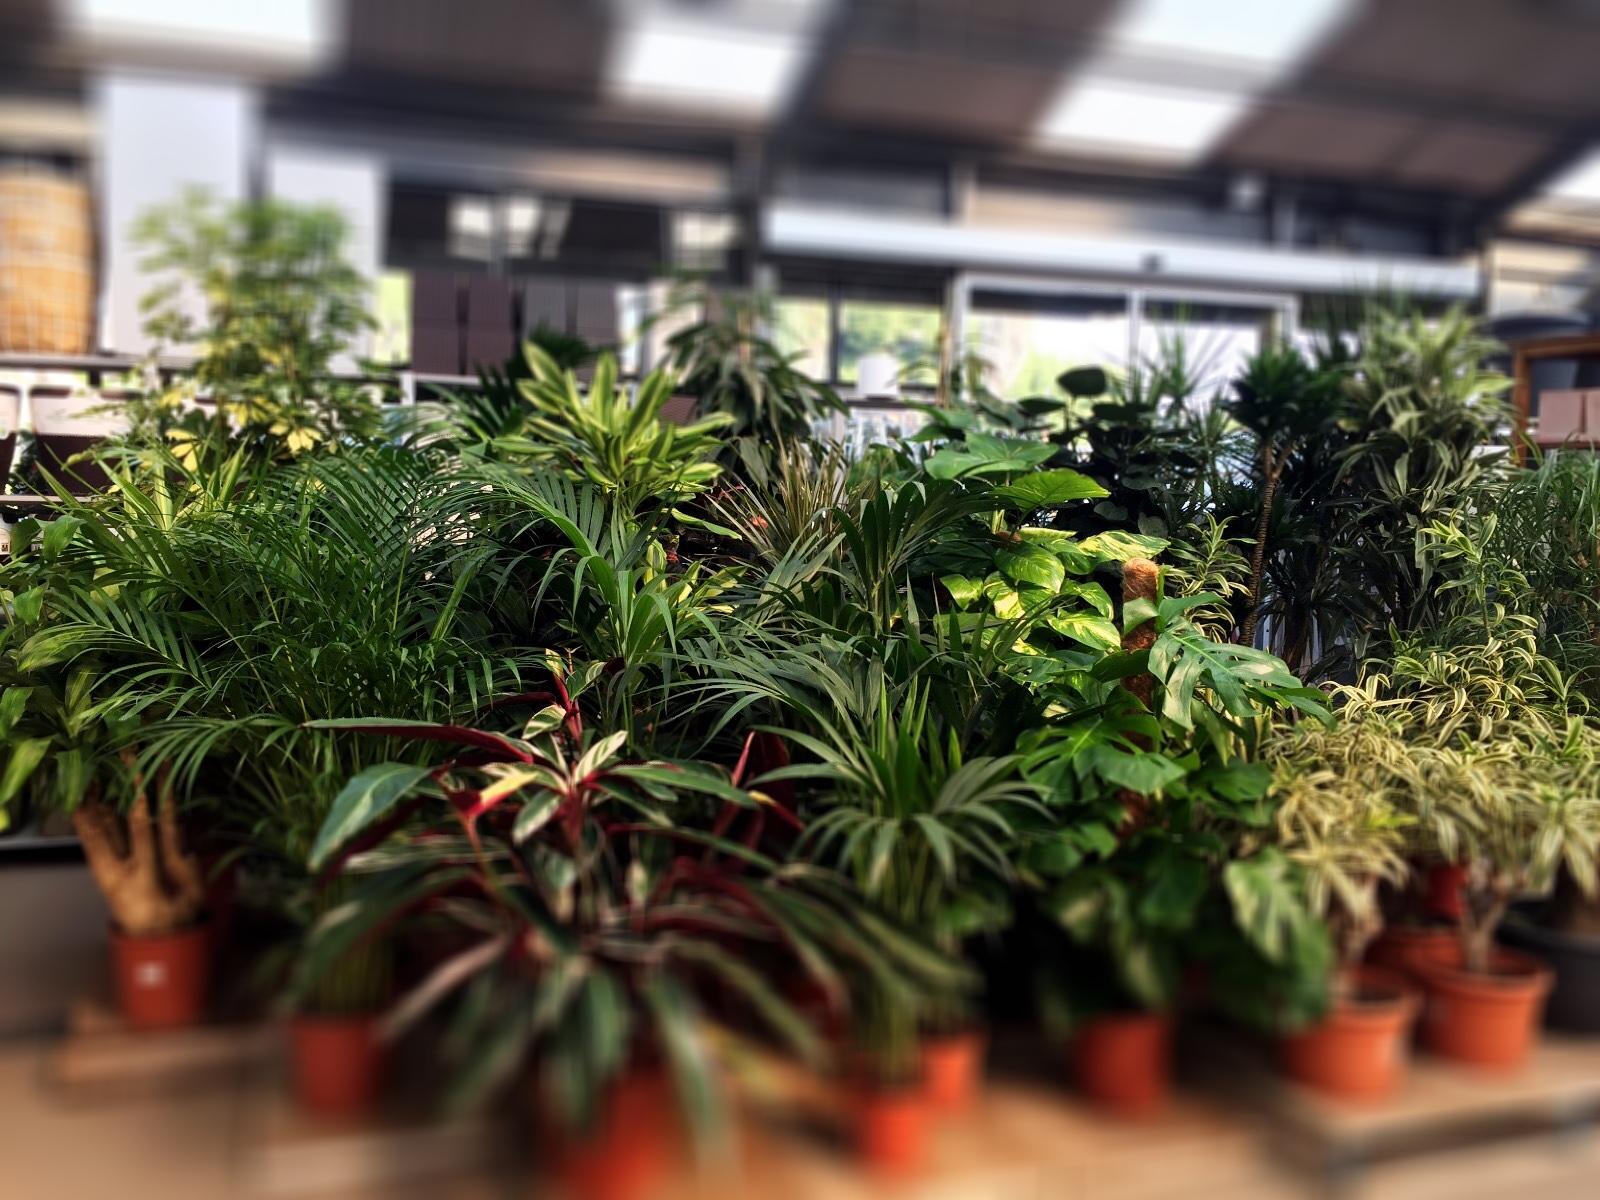 Conillas jardineria y paisajismo plantas hoja grande 2 for Plantas paisajismo